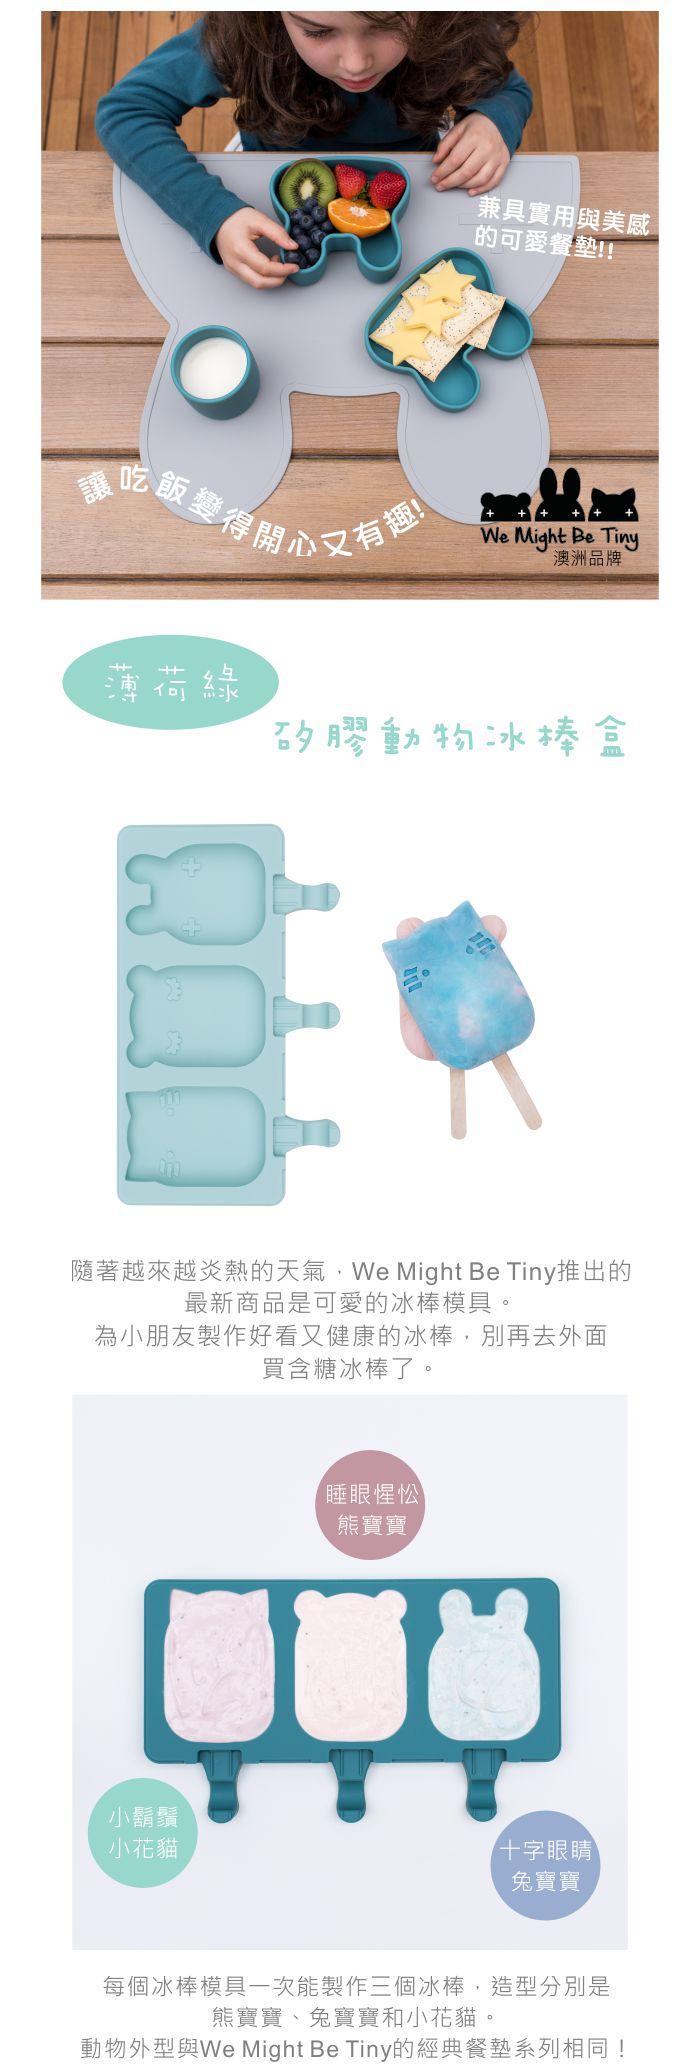 澳洲We Might Be Tiny|矽膠動物冰棒盒-薄荷綠